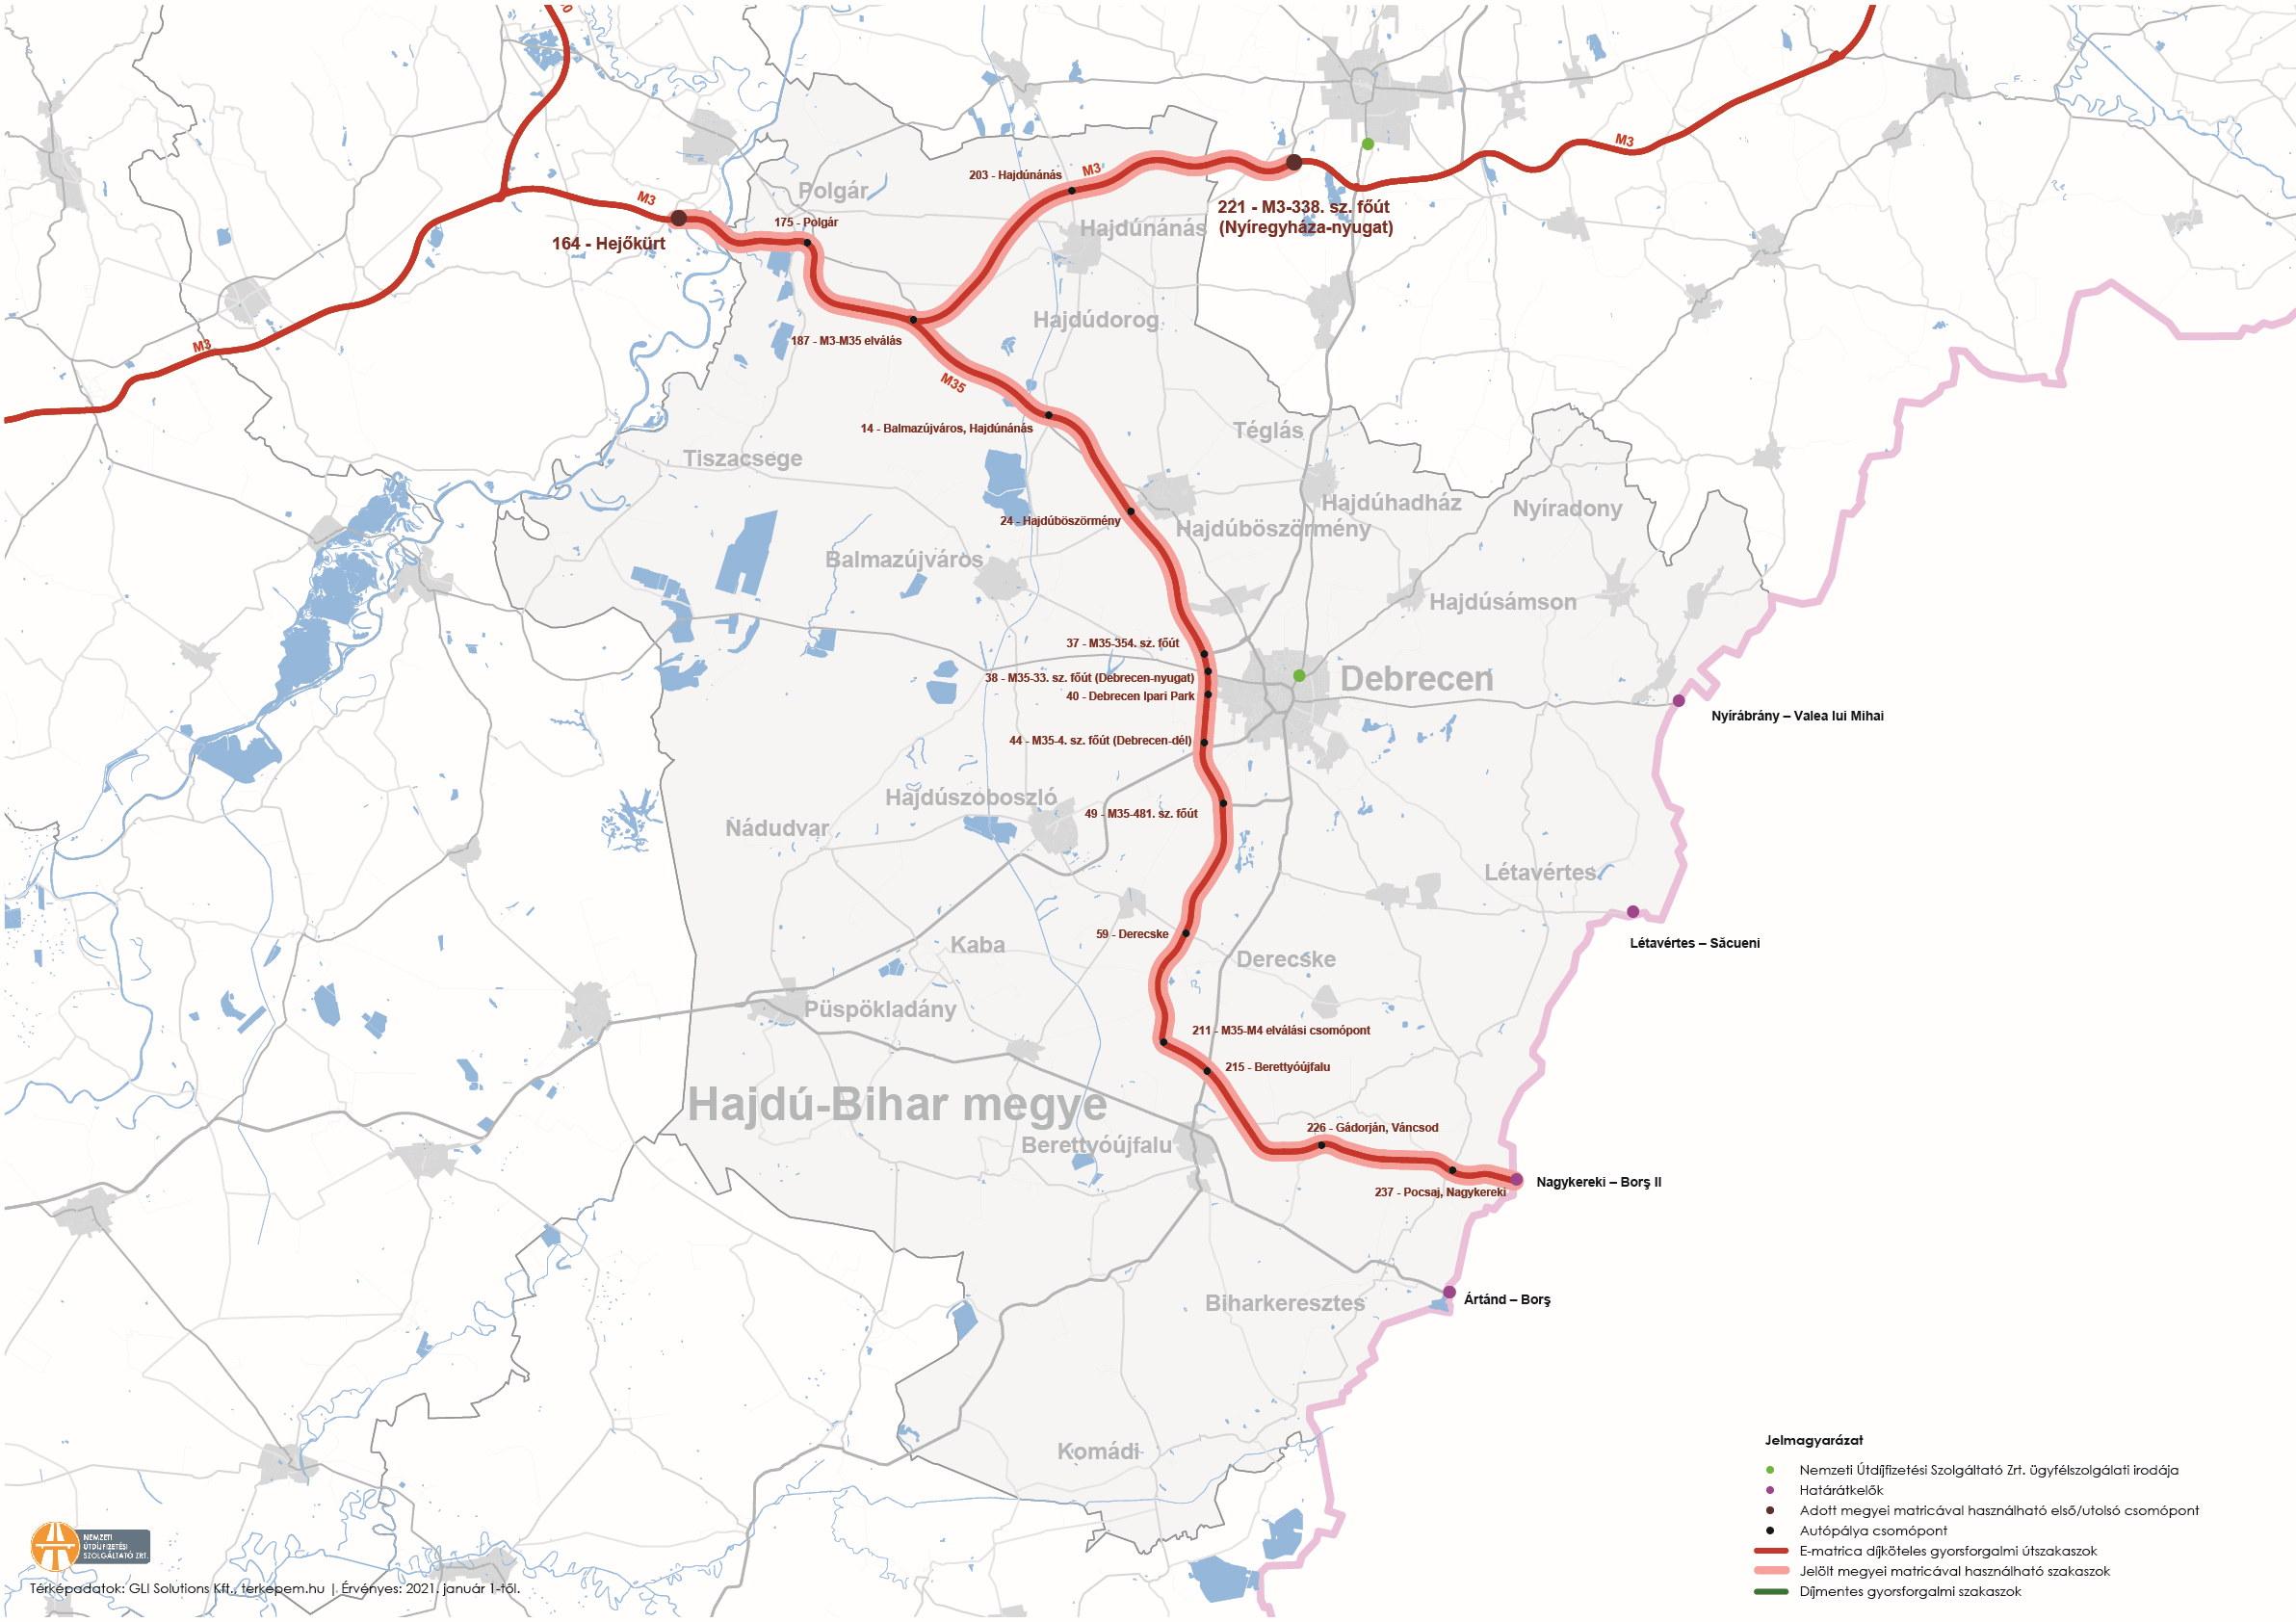 Hajdú-Bihar megye úthálózatának térképe